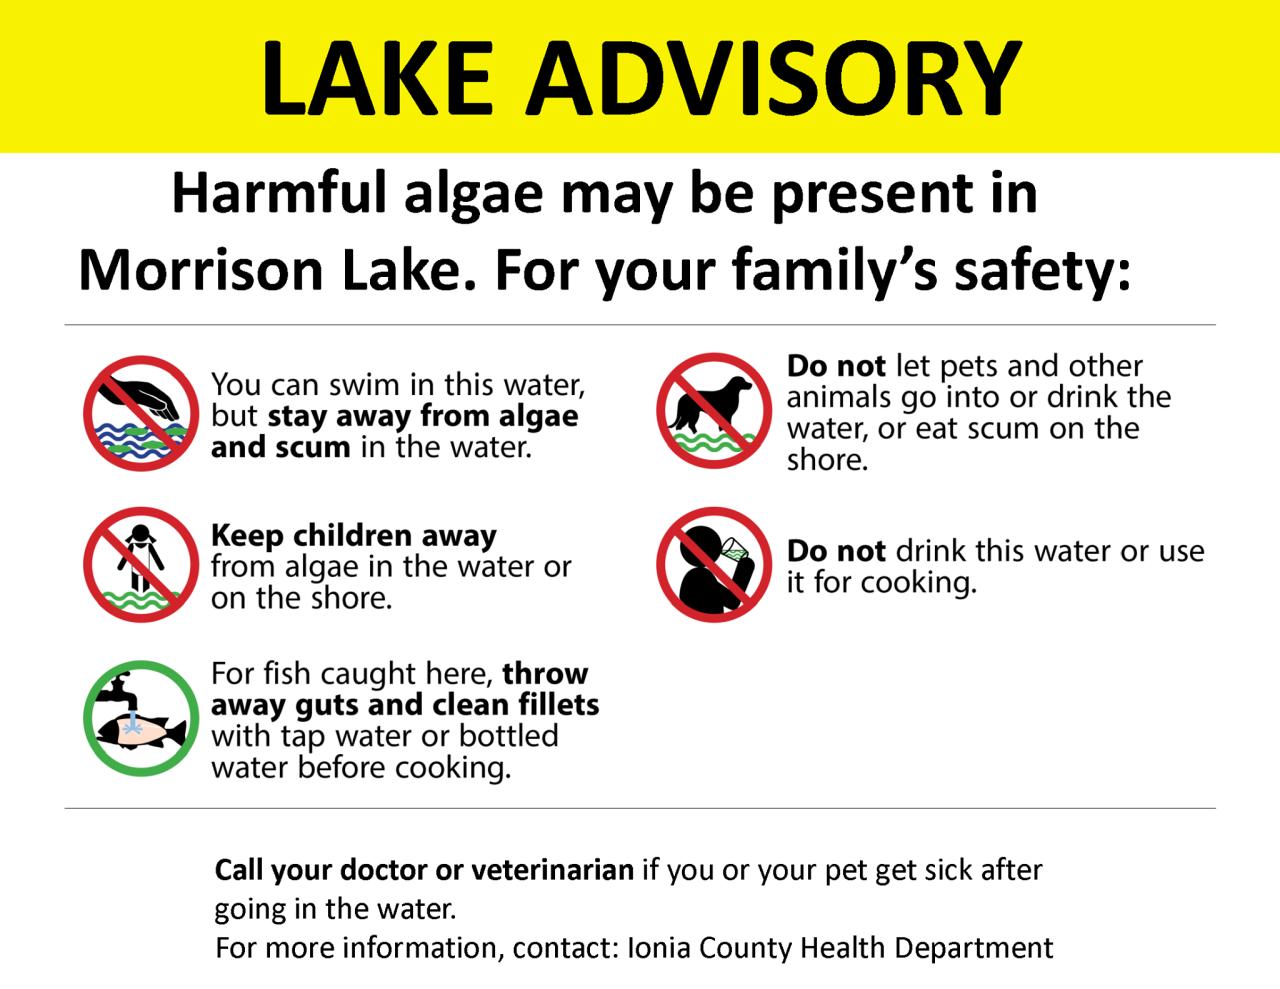 Morrison Lake advisory.png